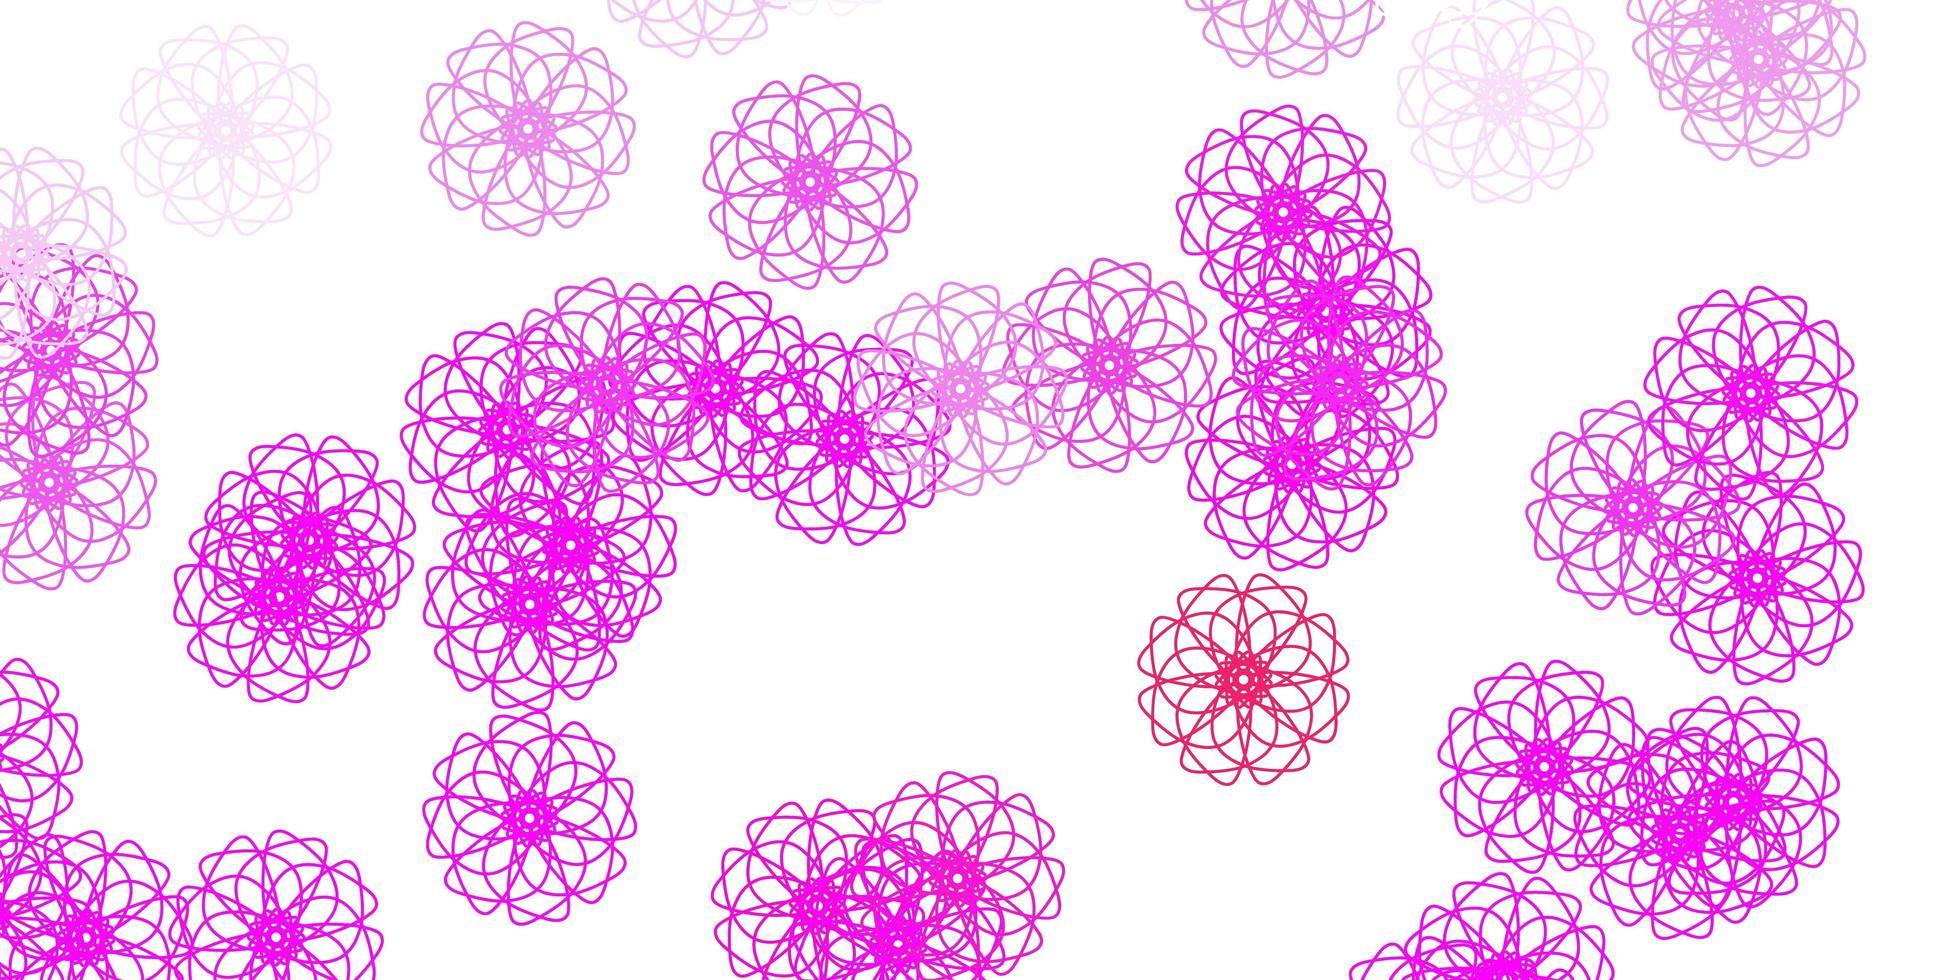 ljuslila, rosa naturlig layout med blommor. vektor